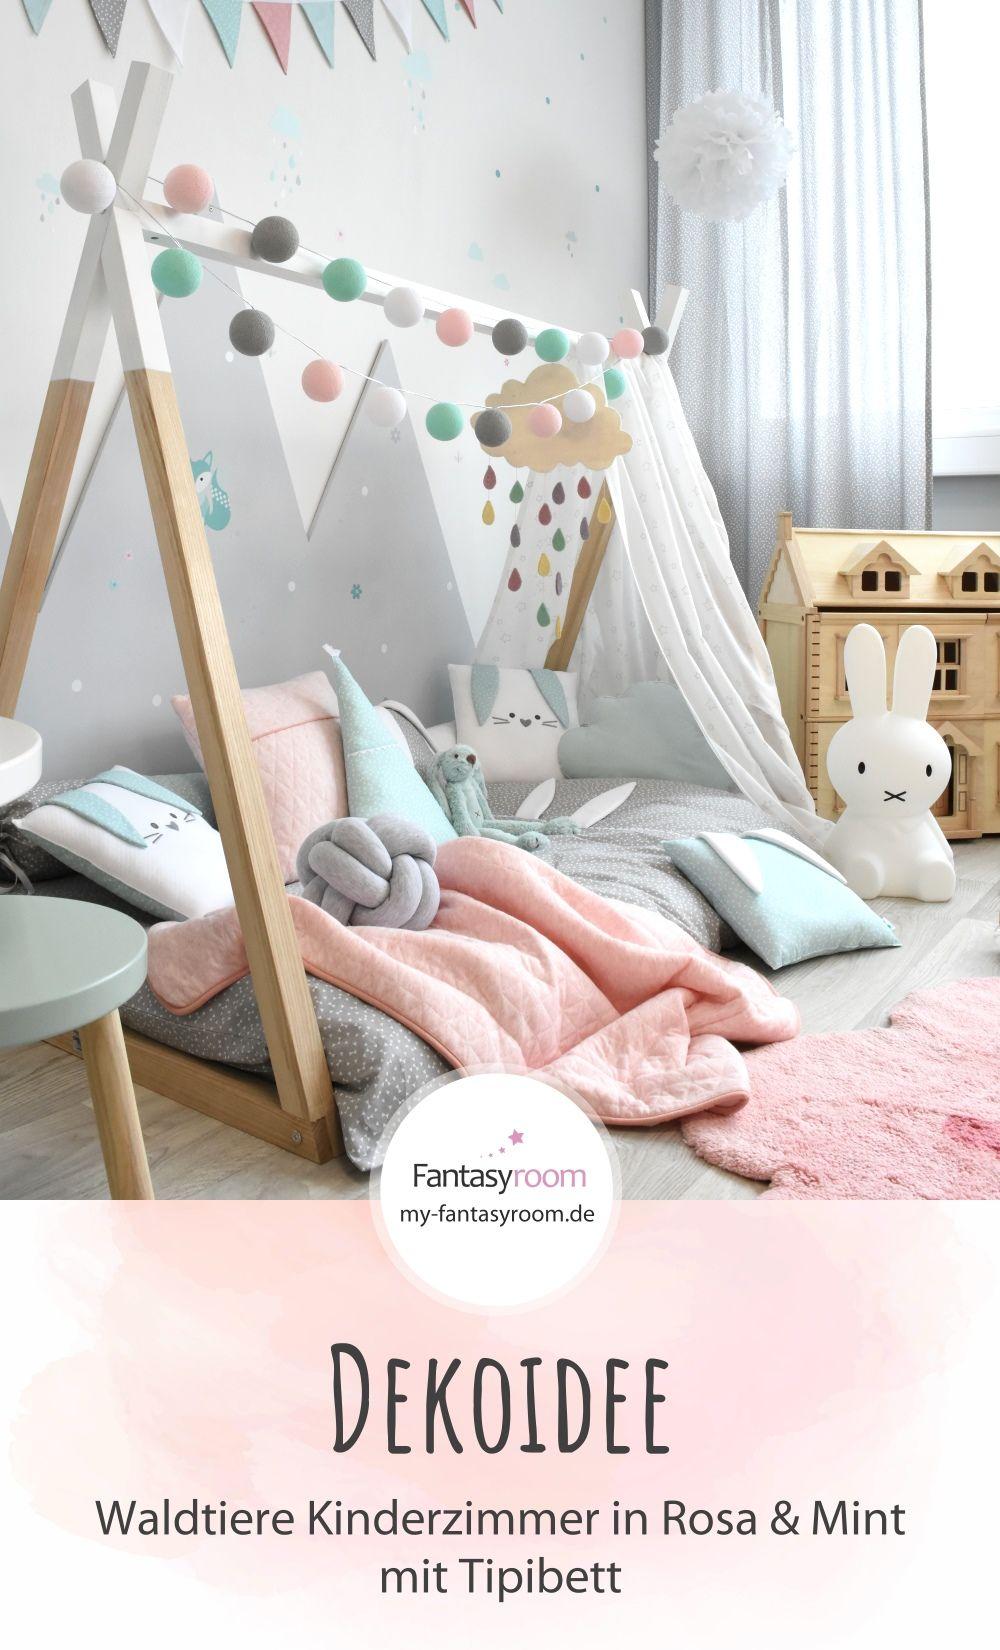 Mädchenzimmer mit Tipibett & Waldtieren in Rosa & Mint